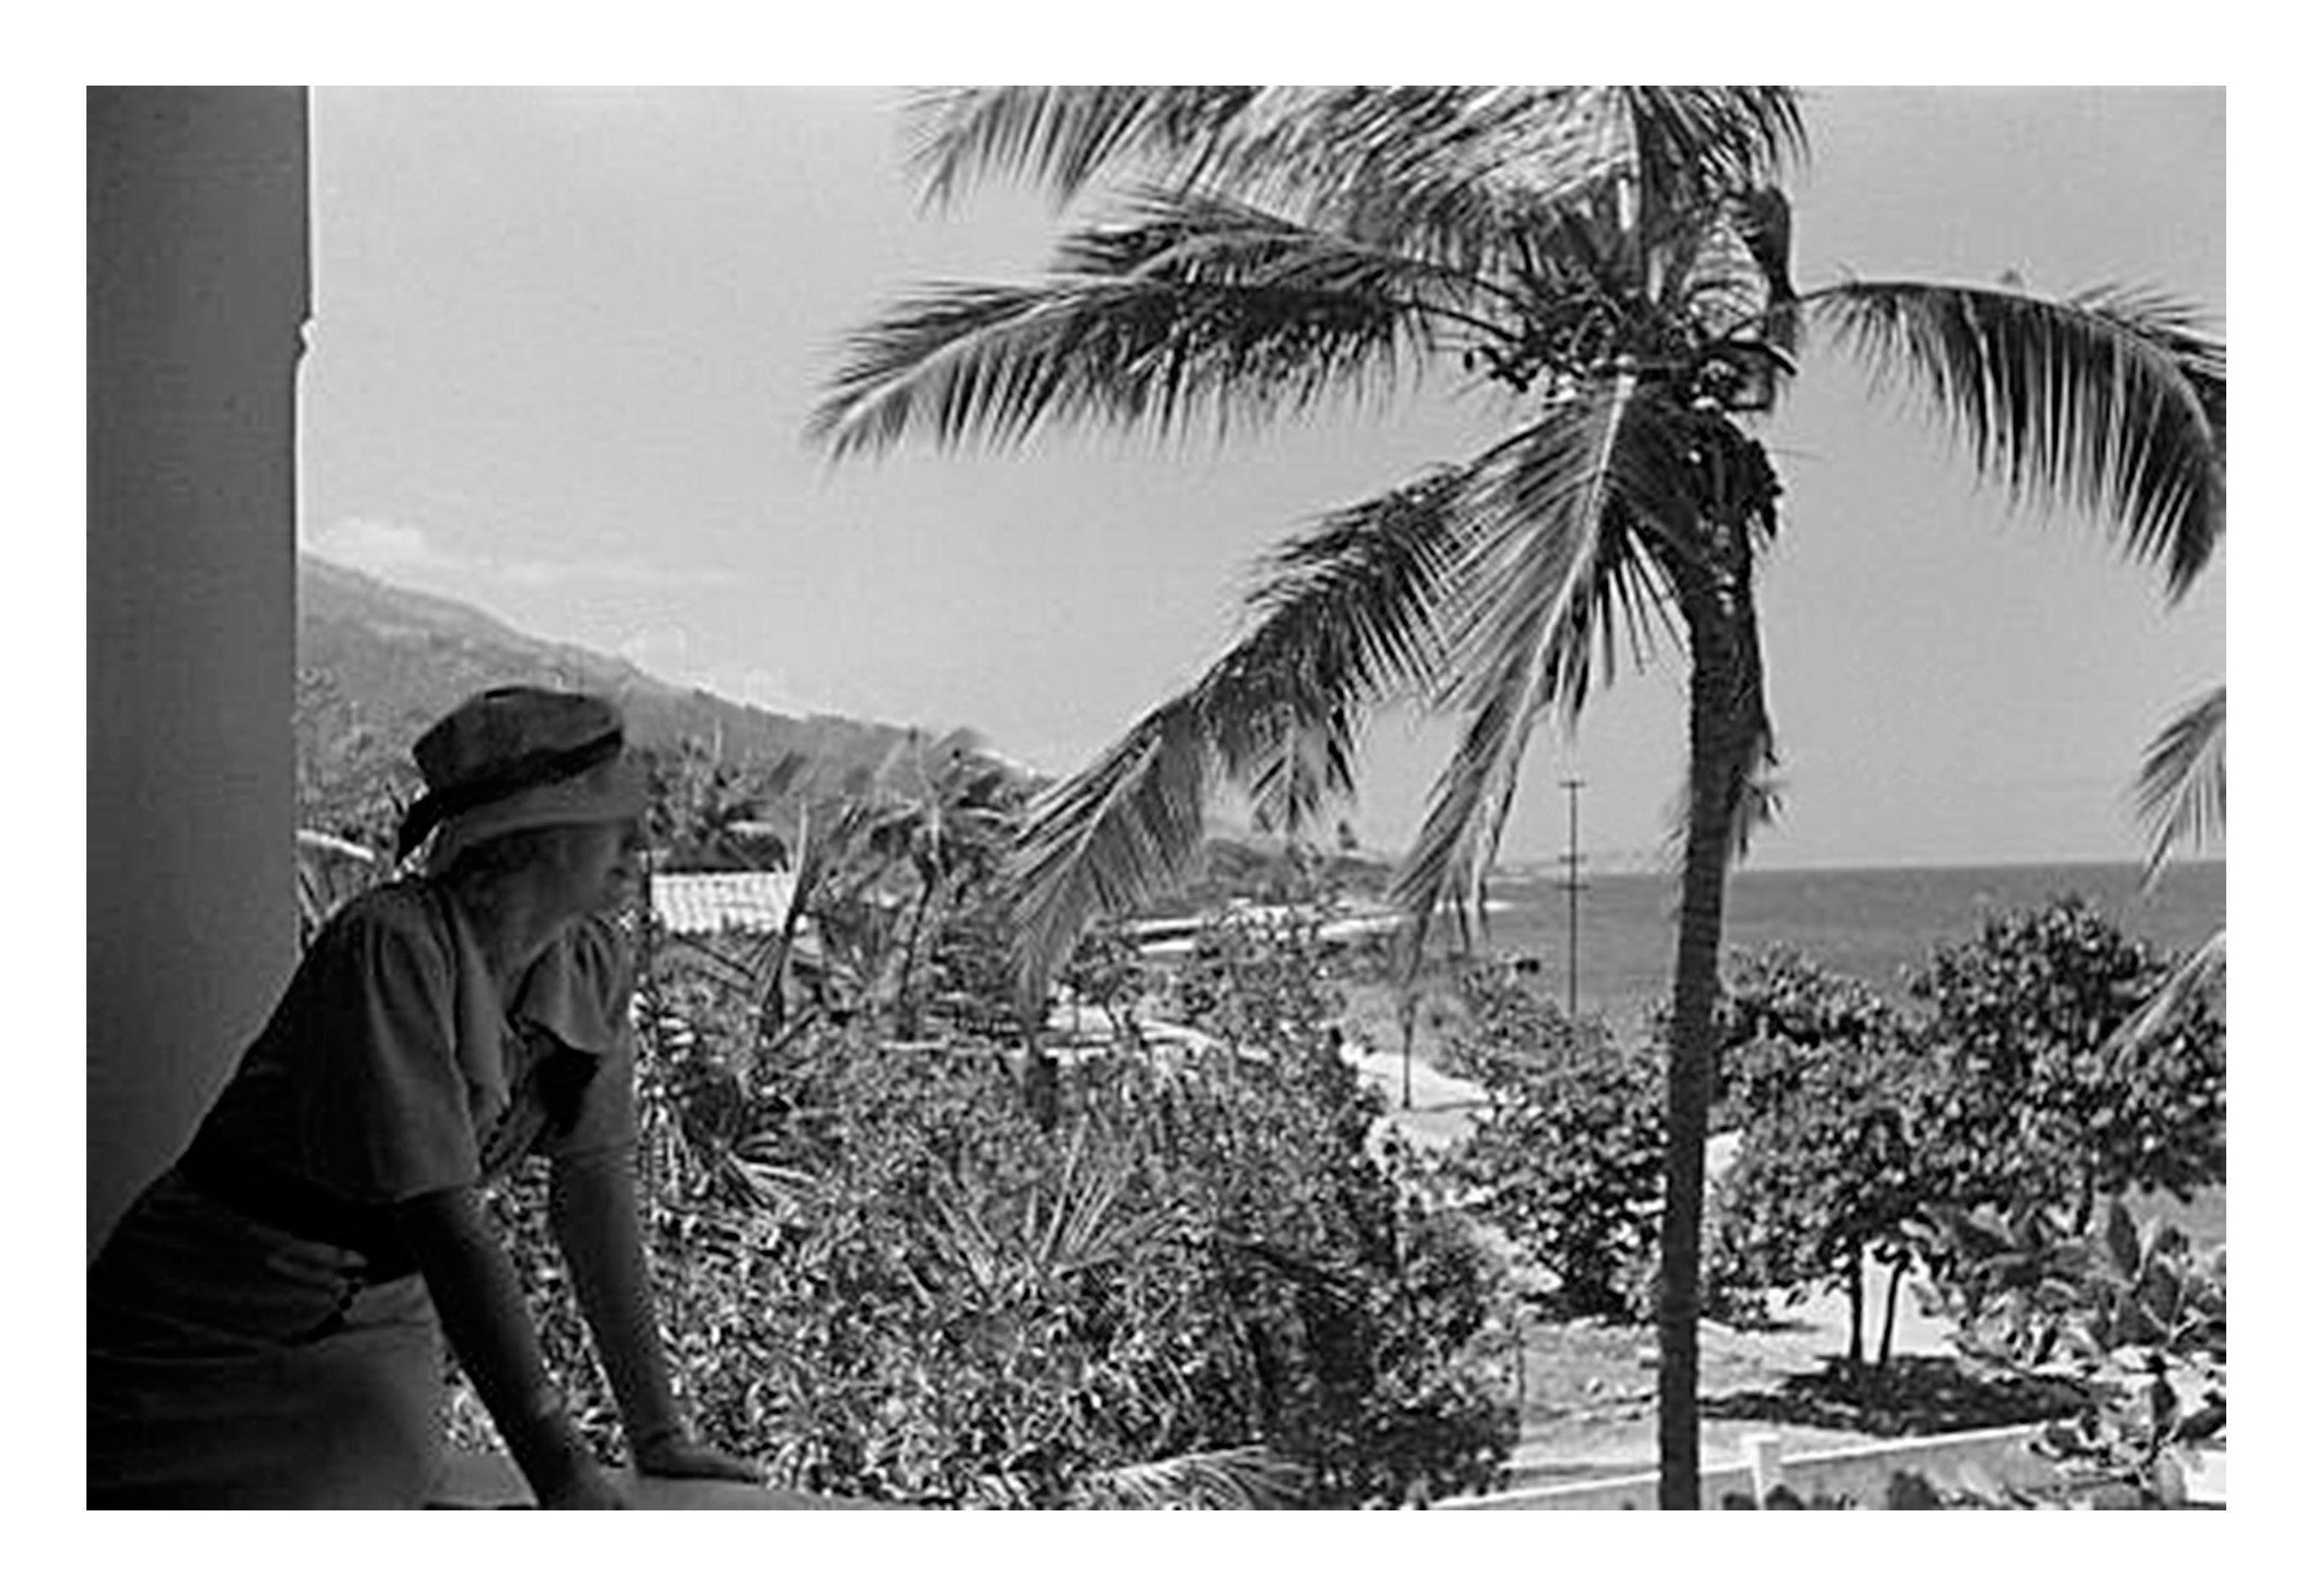 Hermosa Y Elegante Turista Alemana Que Acompaño Al Fotógrafo Hanns Tschira En Su Recorrido Por Venezuela Luego De Desembarcar En El Landmarks Travel Building